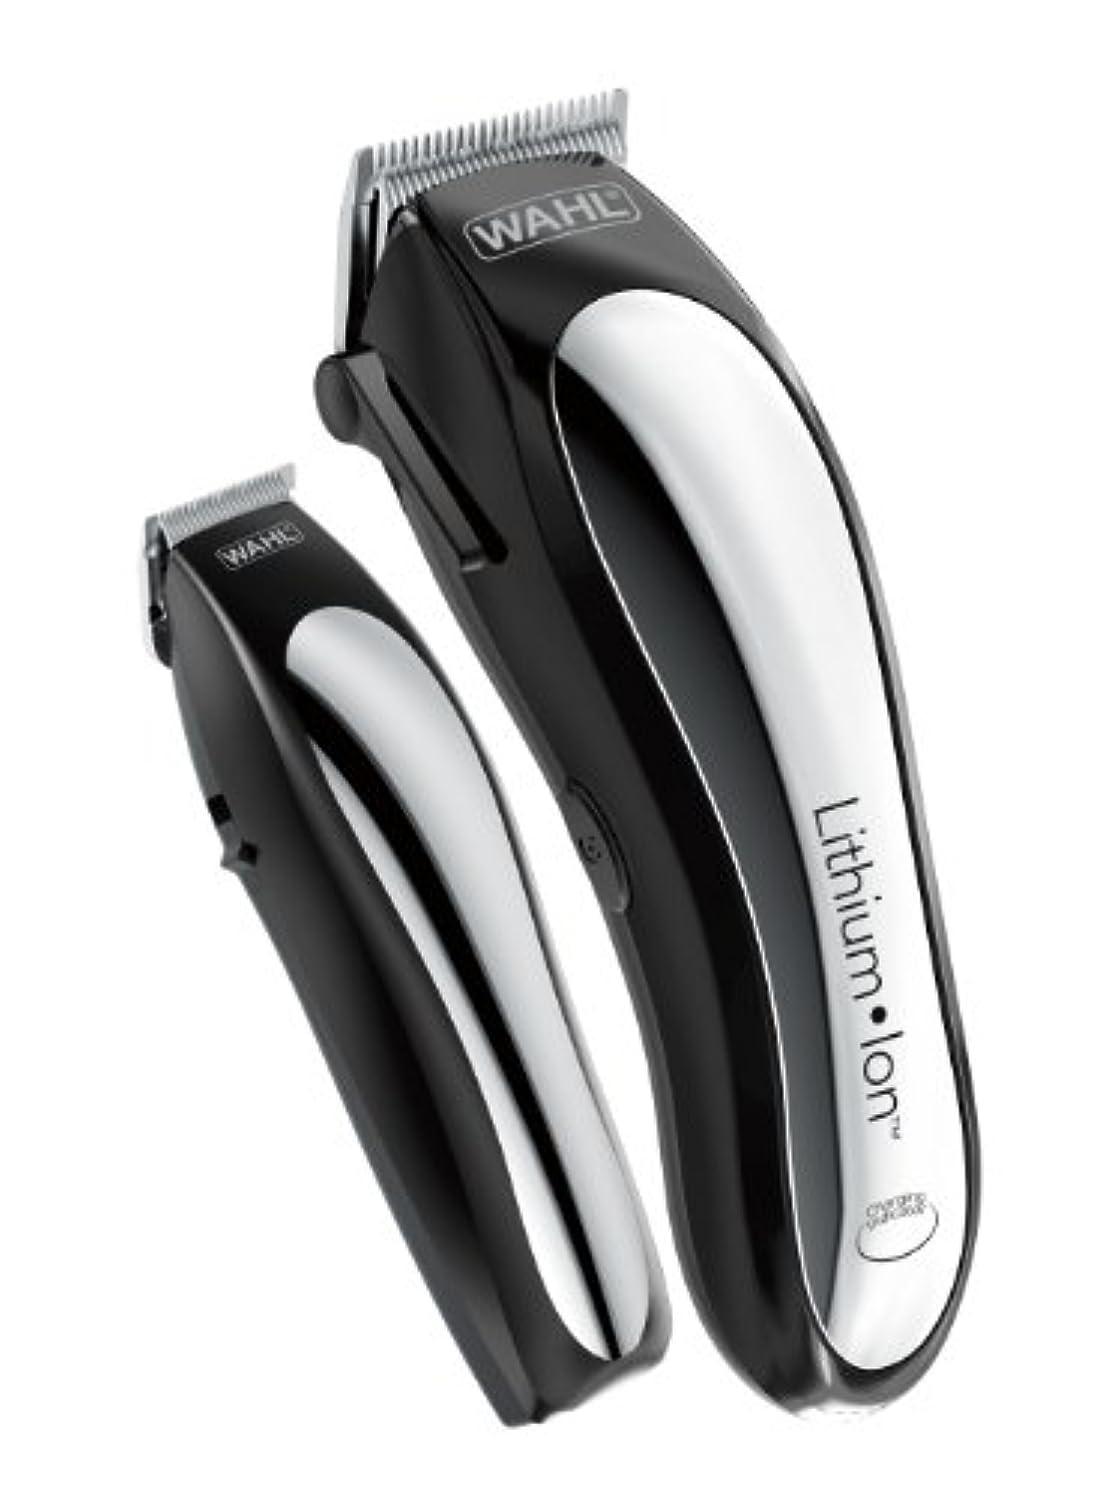 コントラスト夜明けに姿を消すWahl Clipper Lithium Ion Cordless Rechargeable Hair Clippers and Trimmers for men,Hair Cutting Kit with 10 Guide...